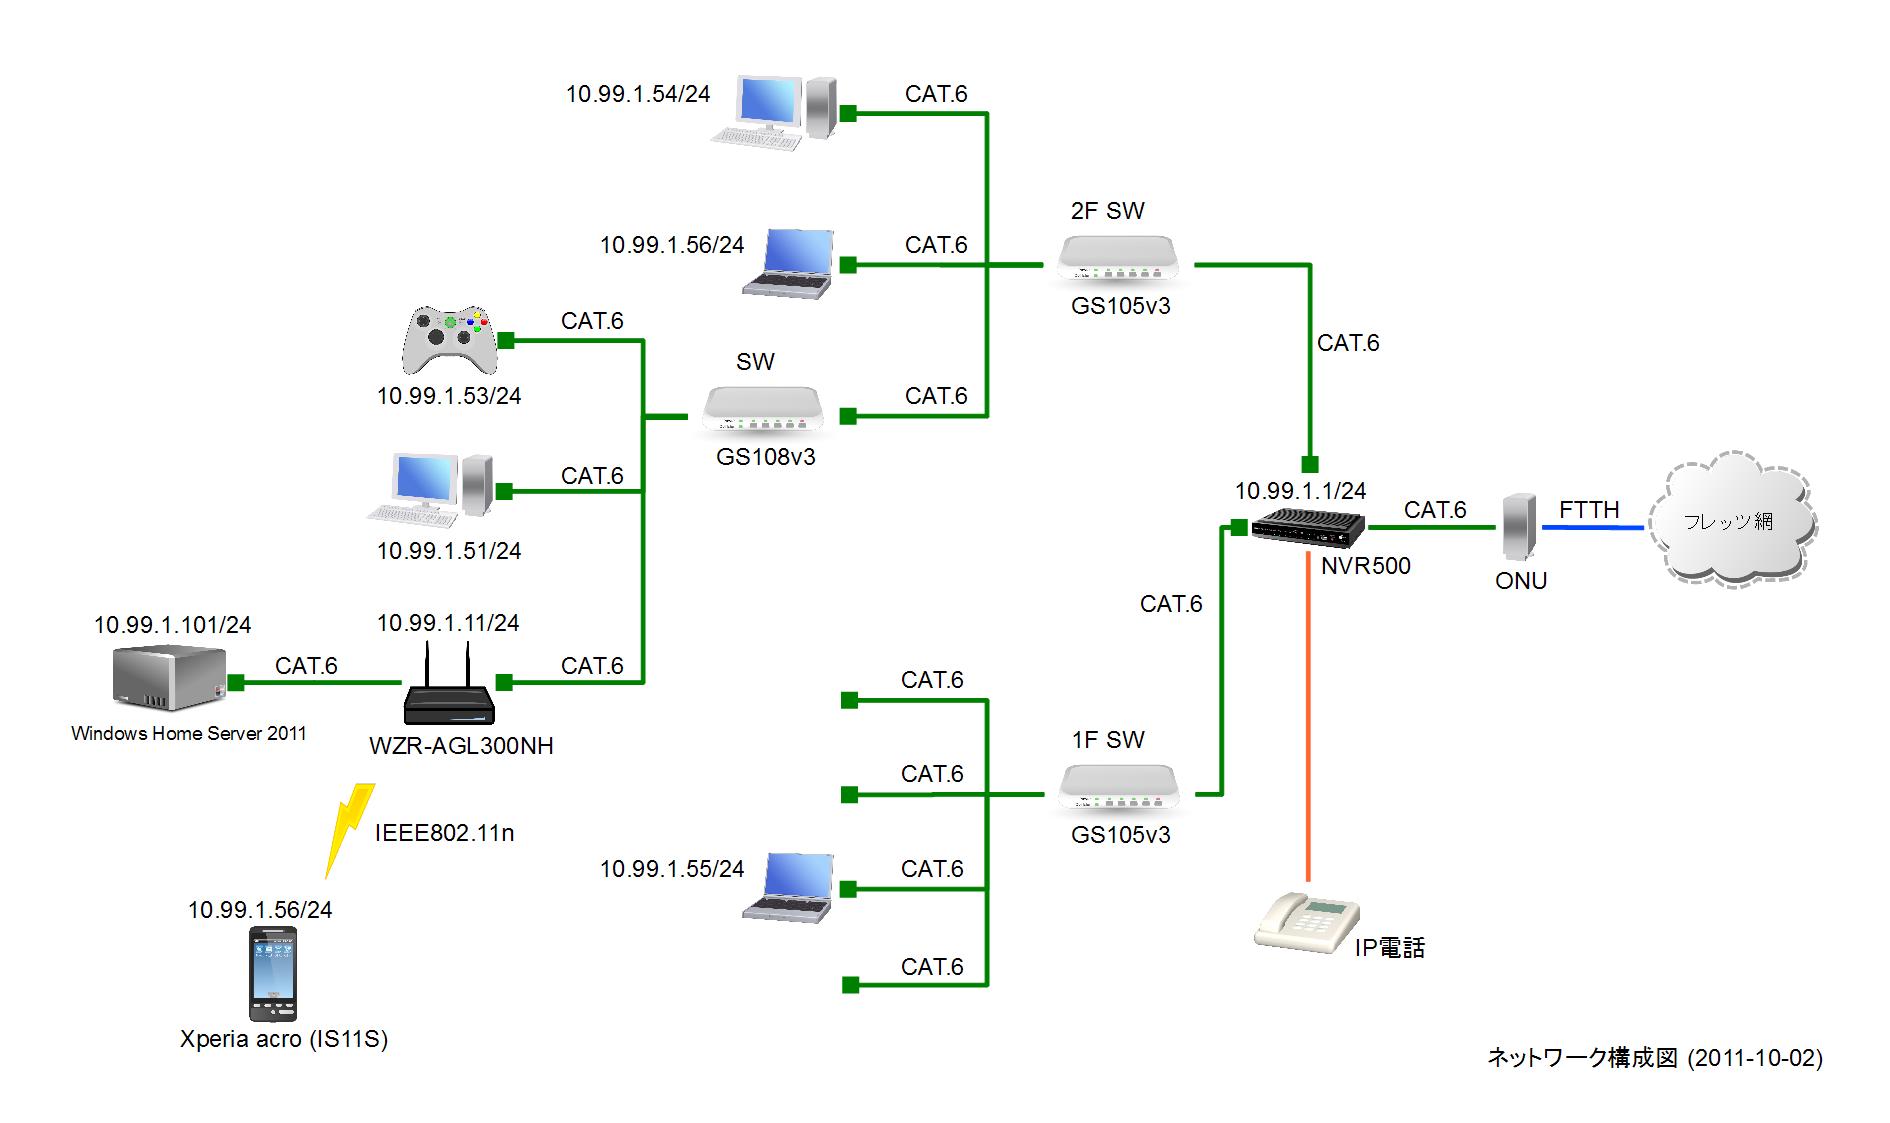 えぬざわのホームネットワーク構成